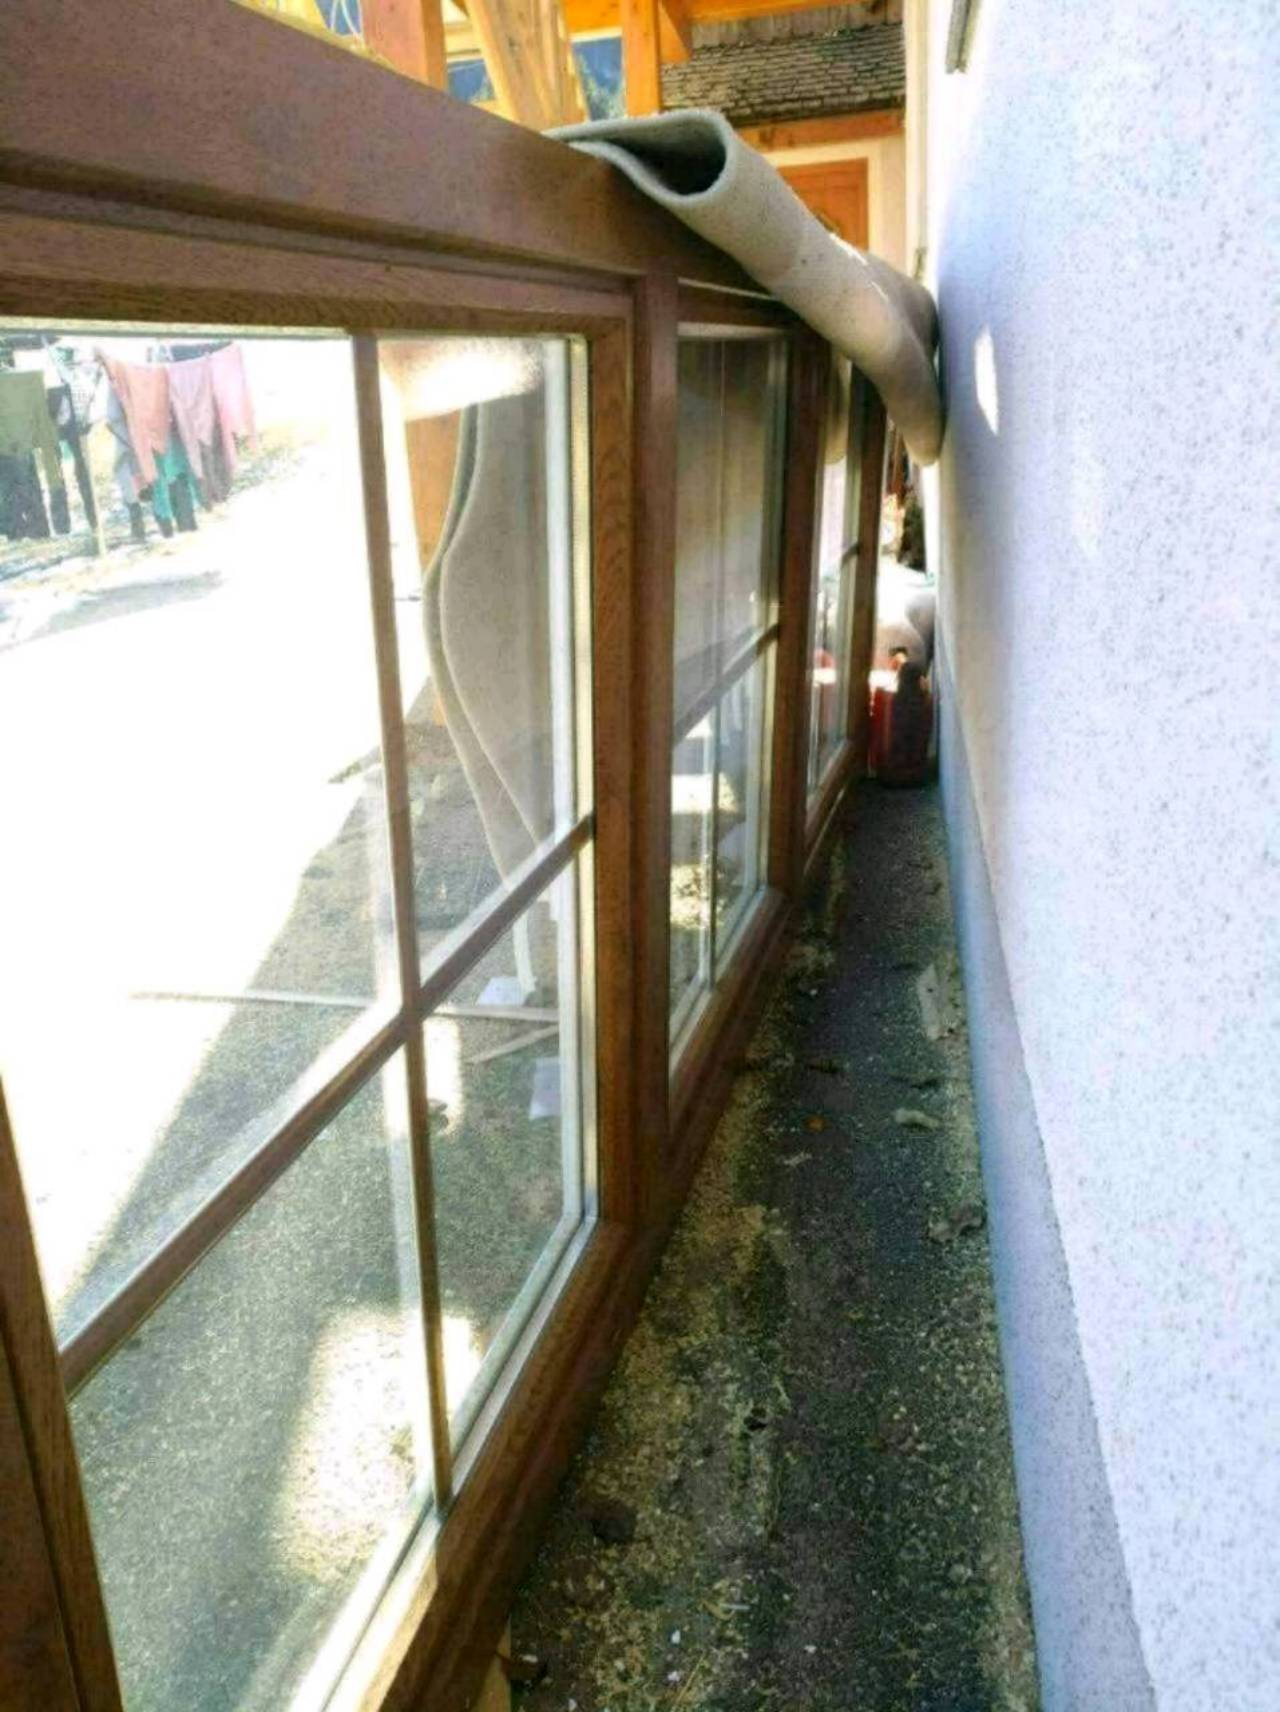 Full Size of Gebrauchte Fenster Kaufen 436html Küche Verkaufen Braun Rollos Jalousien Innen Mit Rolladen Sonnenschutz Günstig Insektenschutz Für Velux Schüco Bett Fenster Gebrauchte Fenster Kaufen